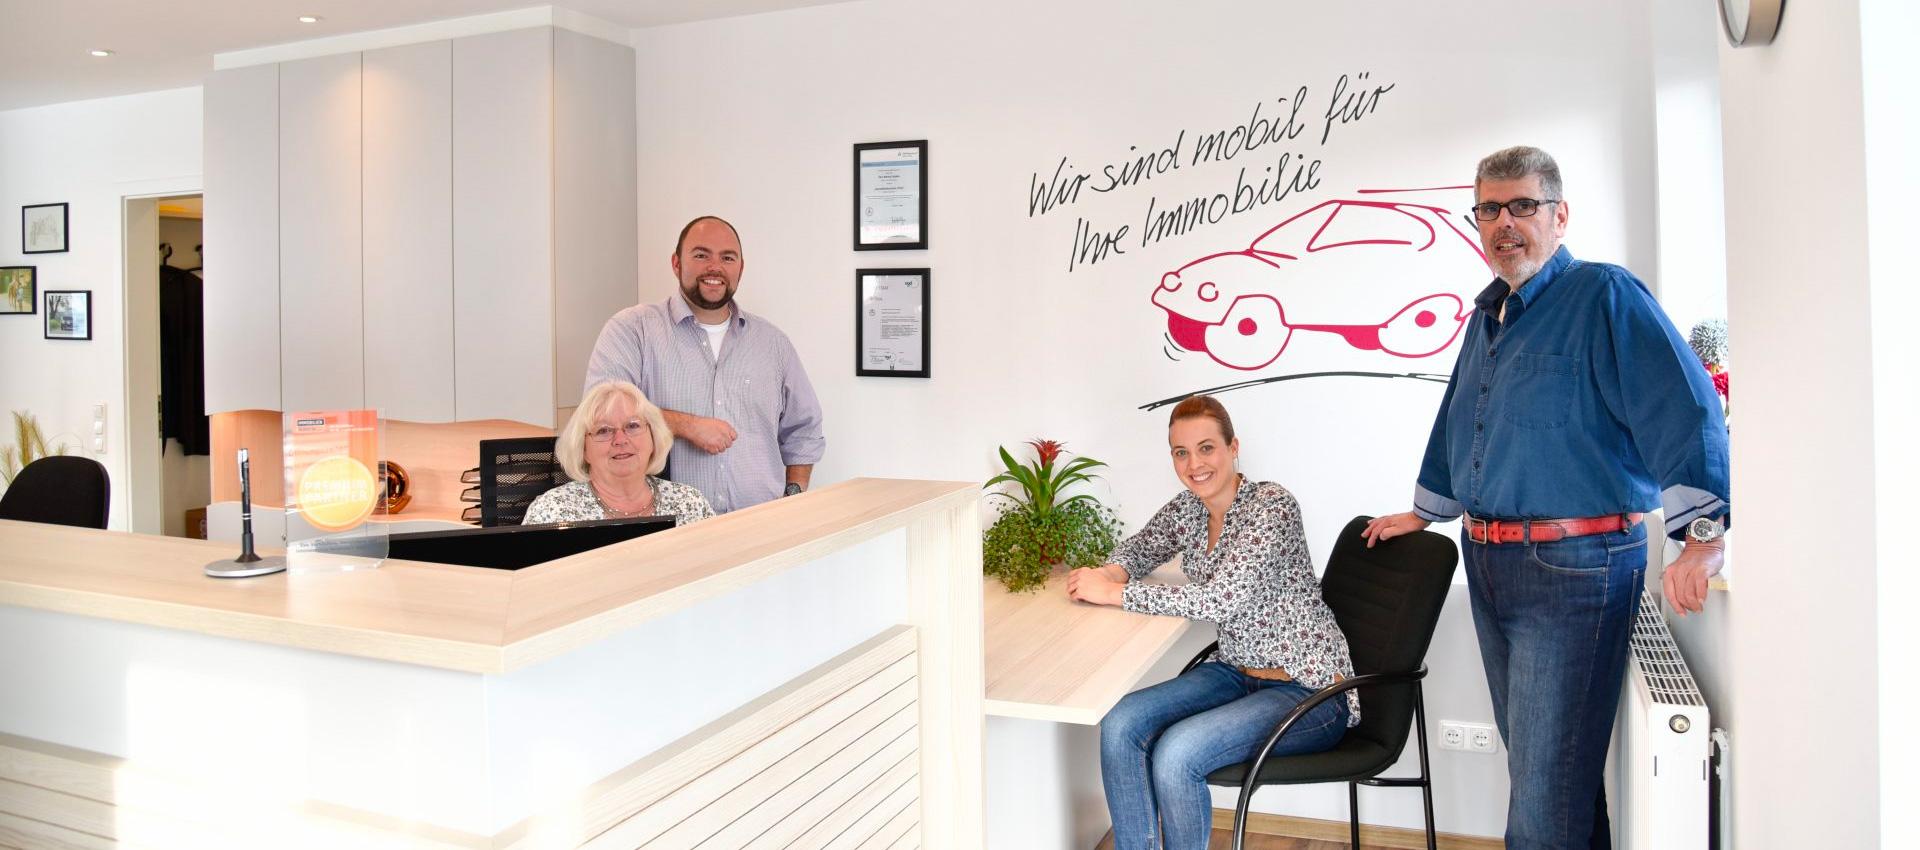 Abbildung Team Sale Immobilien